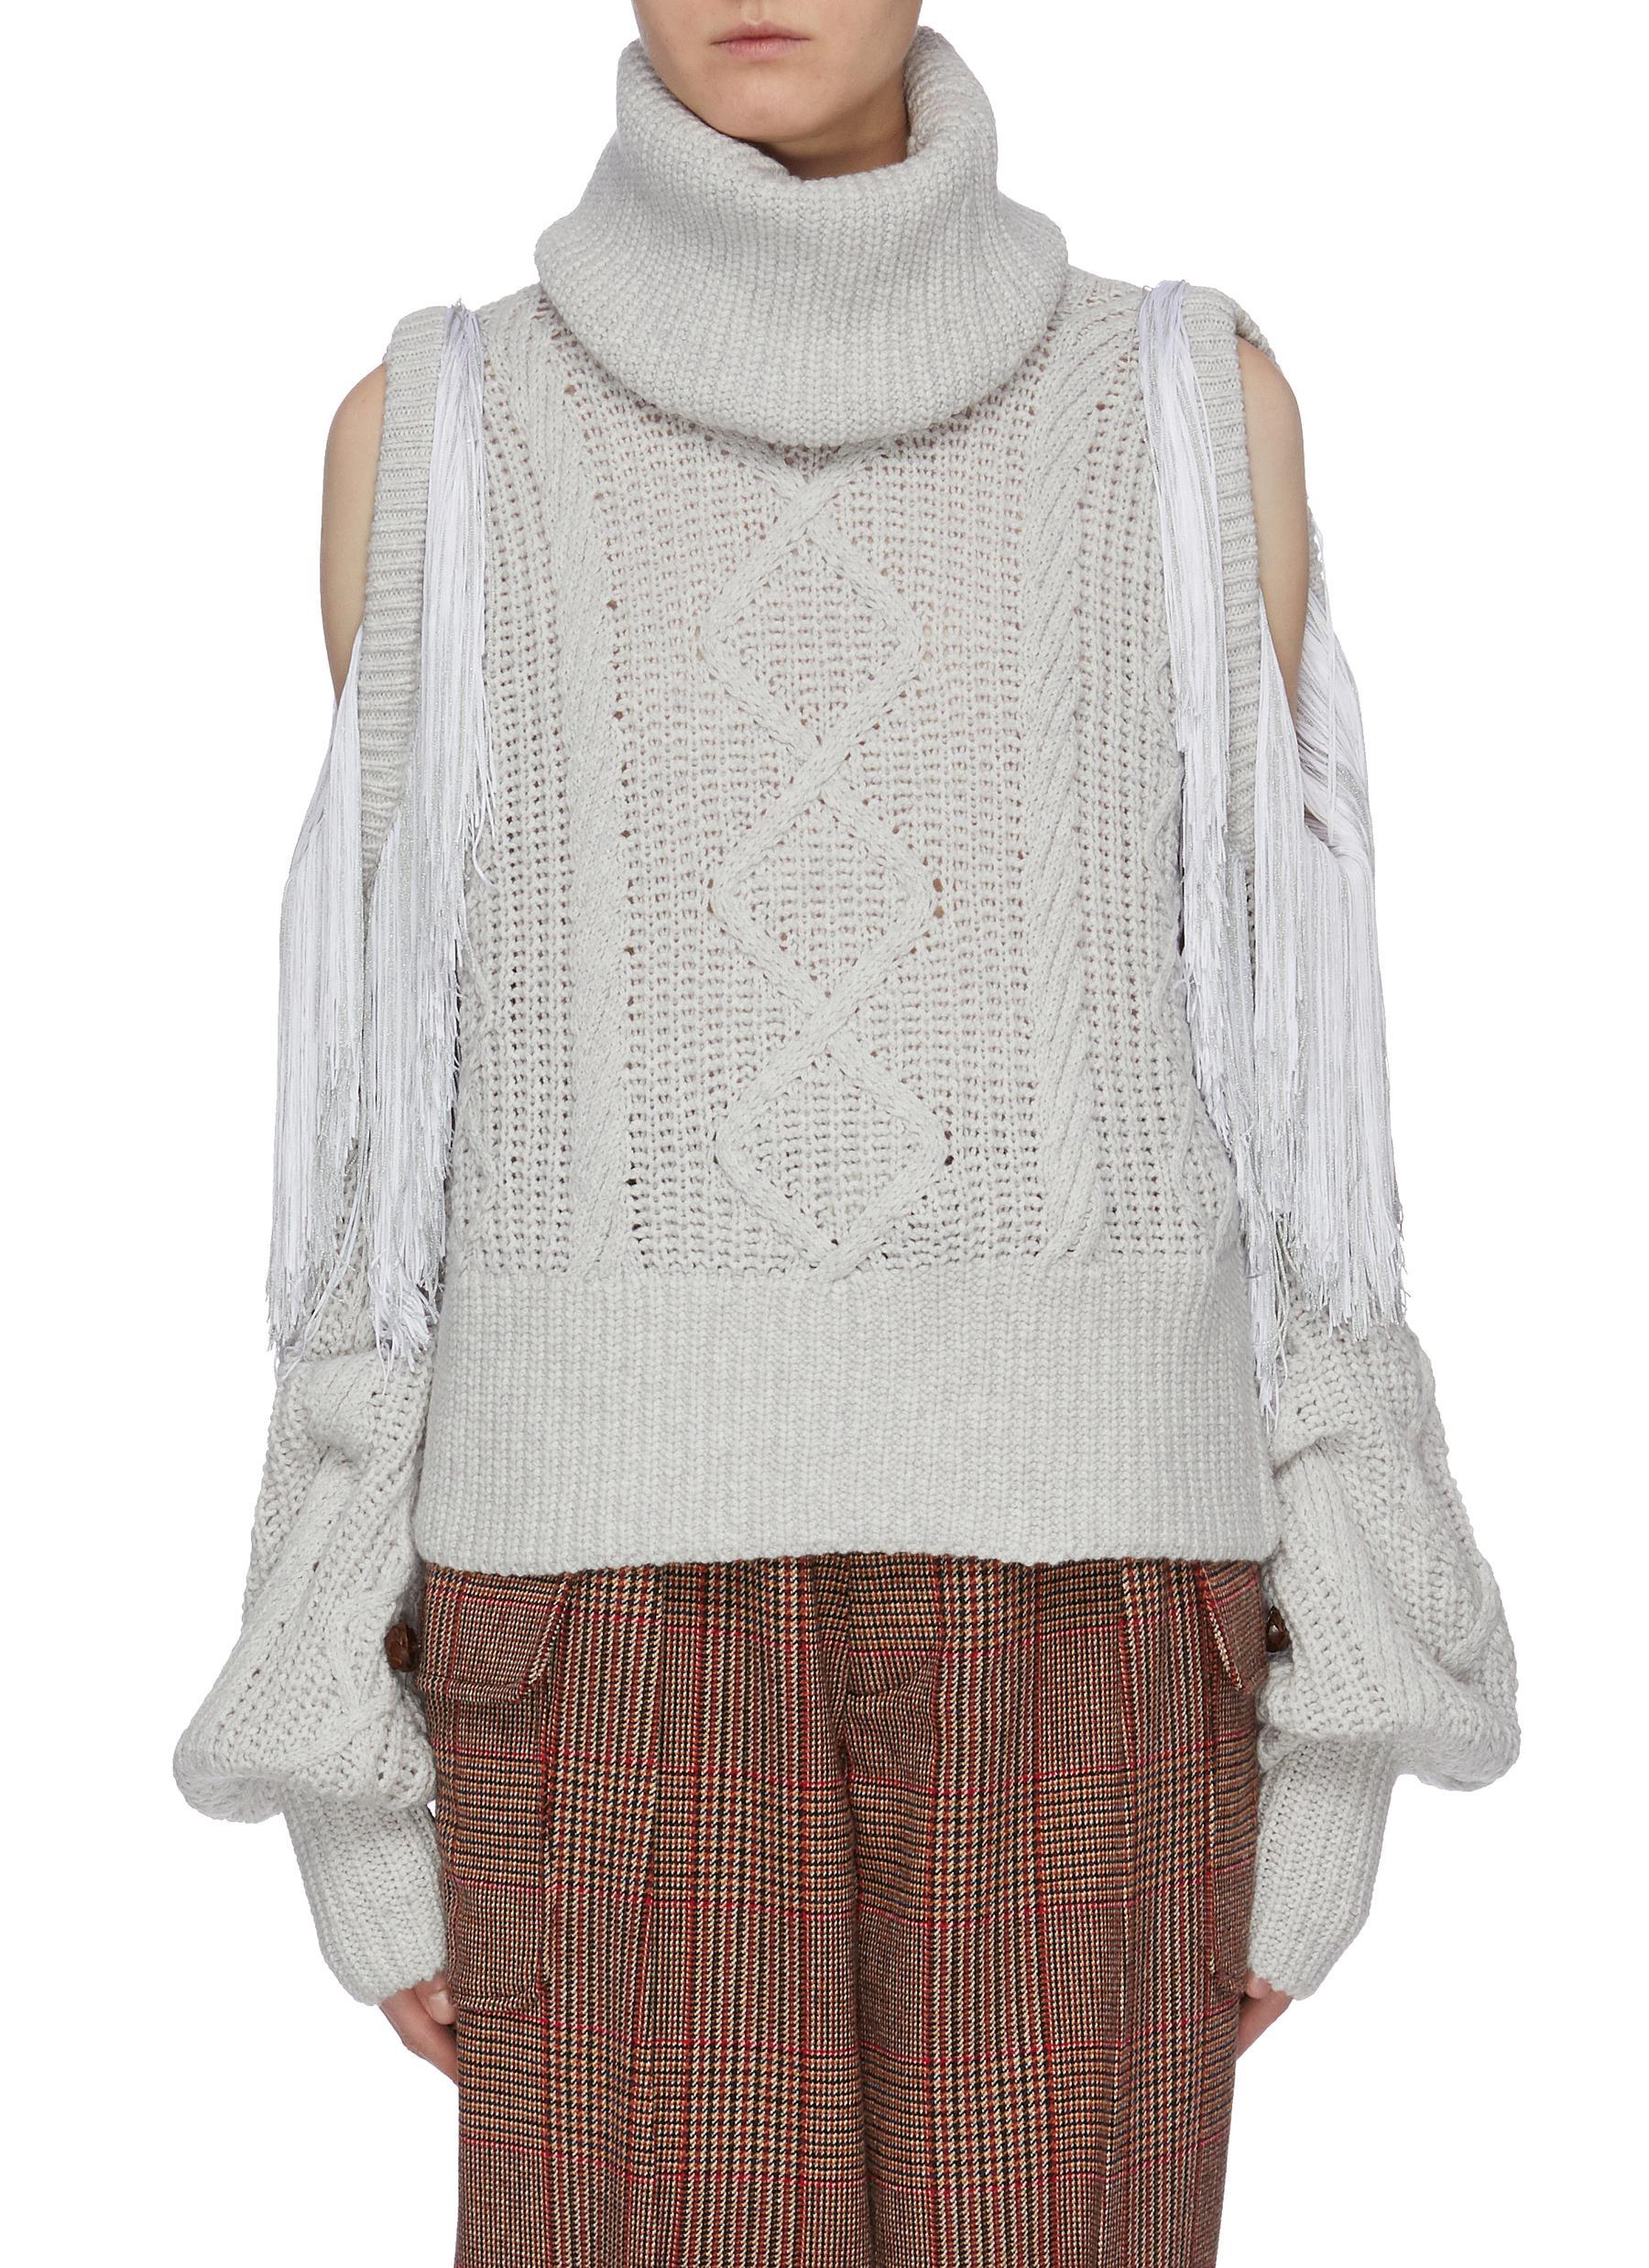 Lawrence fringe cold shoulder turtleneck sweater by Hellessy